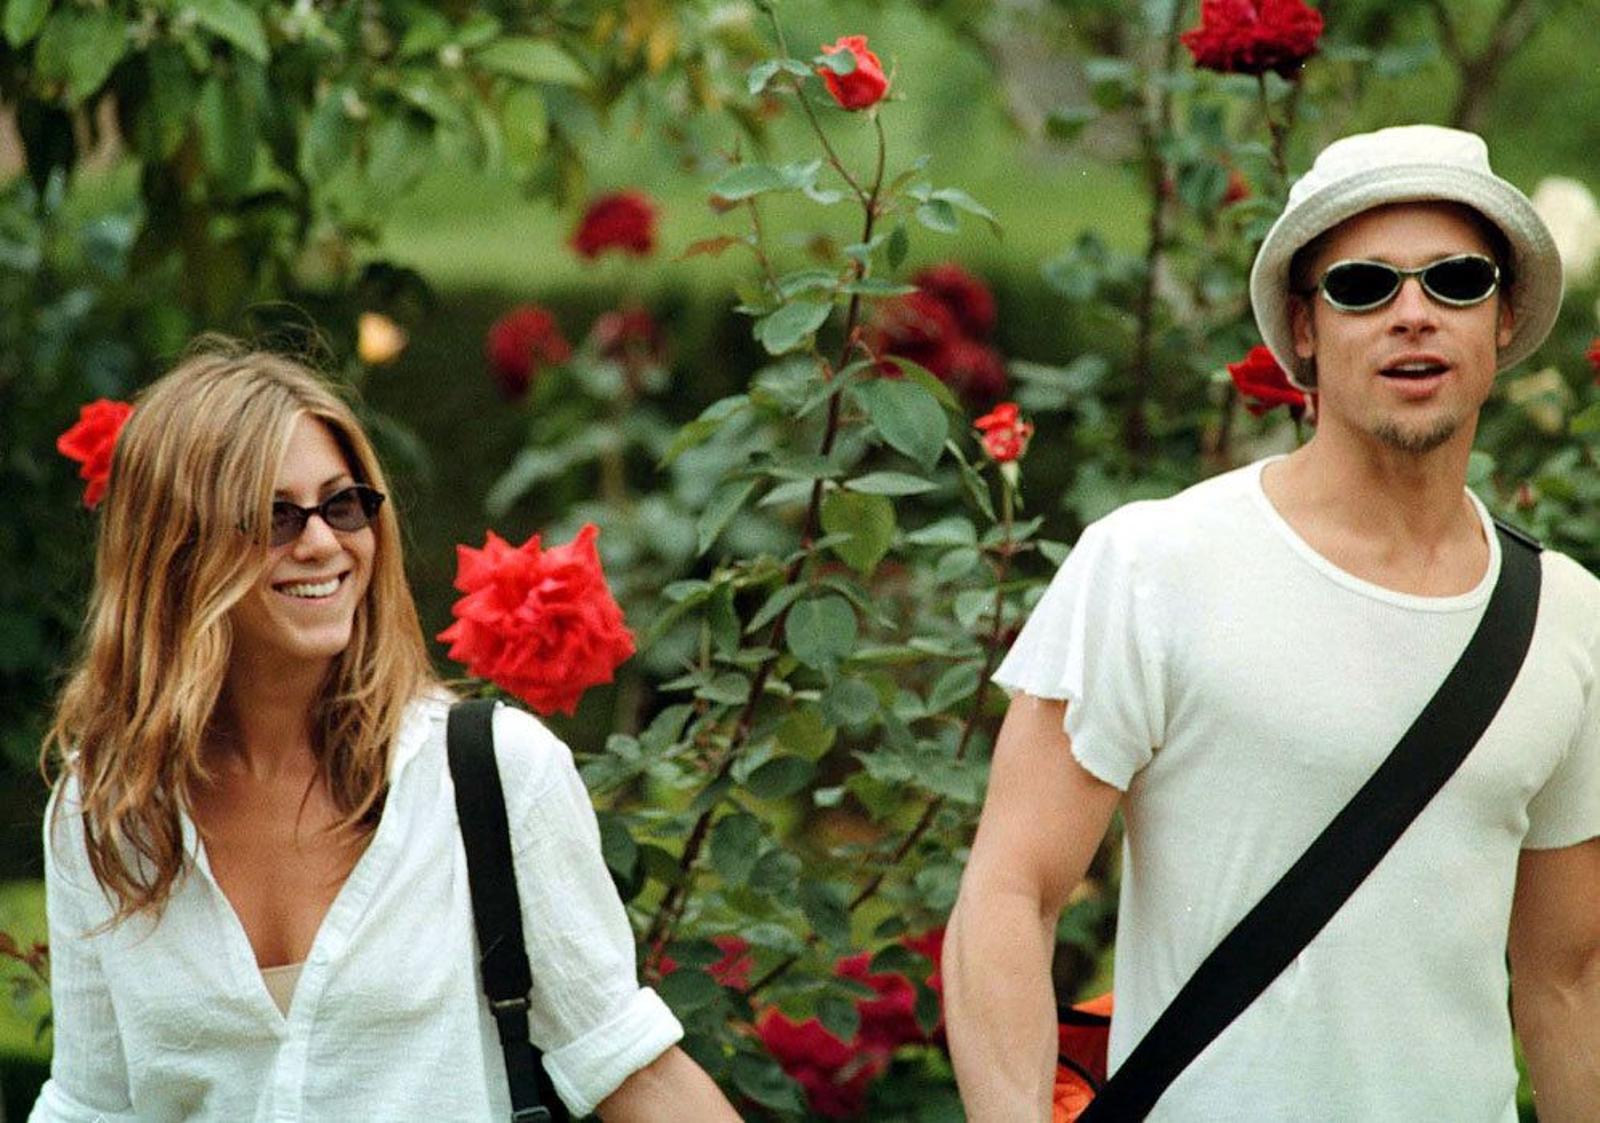 Никакой Джоли! Дженнифер Энистон и Брэд Питт договорились не вспоминать бывшую жену актера